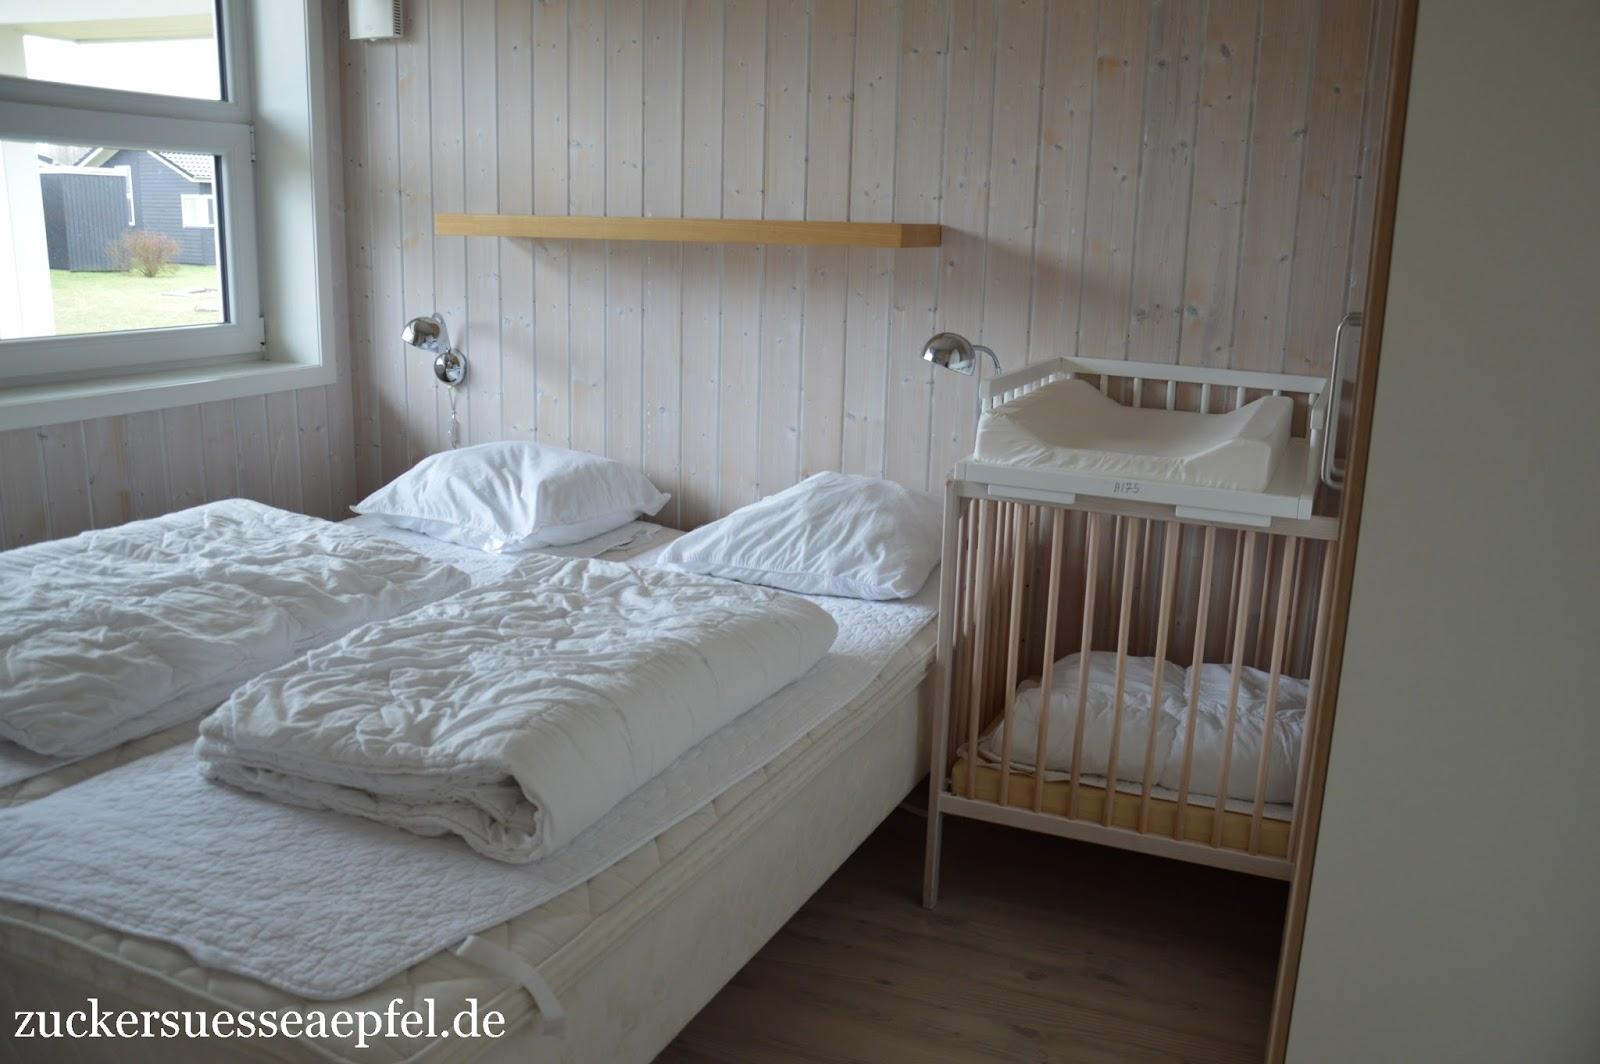 Beautiful Schlafzimmer Einrichten Mit Babybett Pictures - House ...